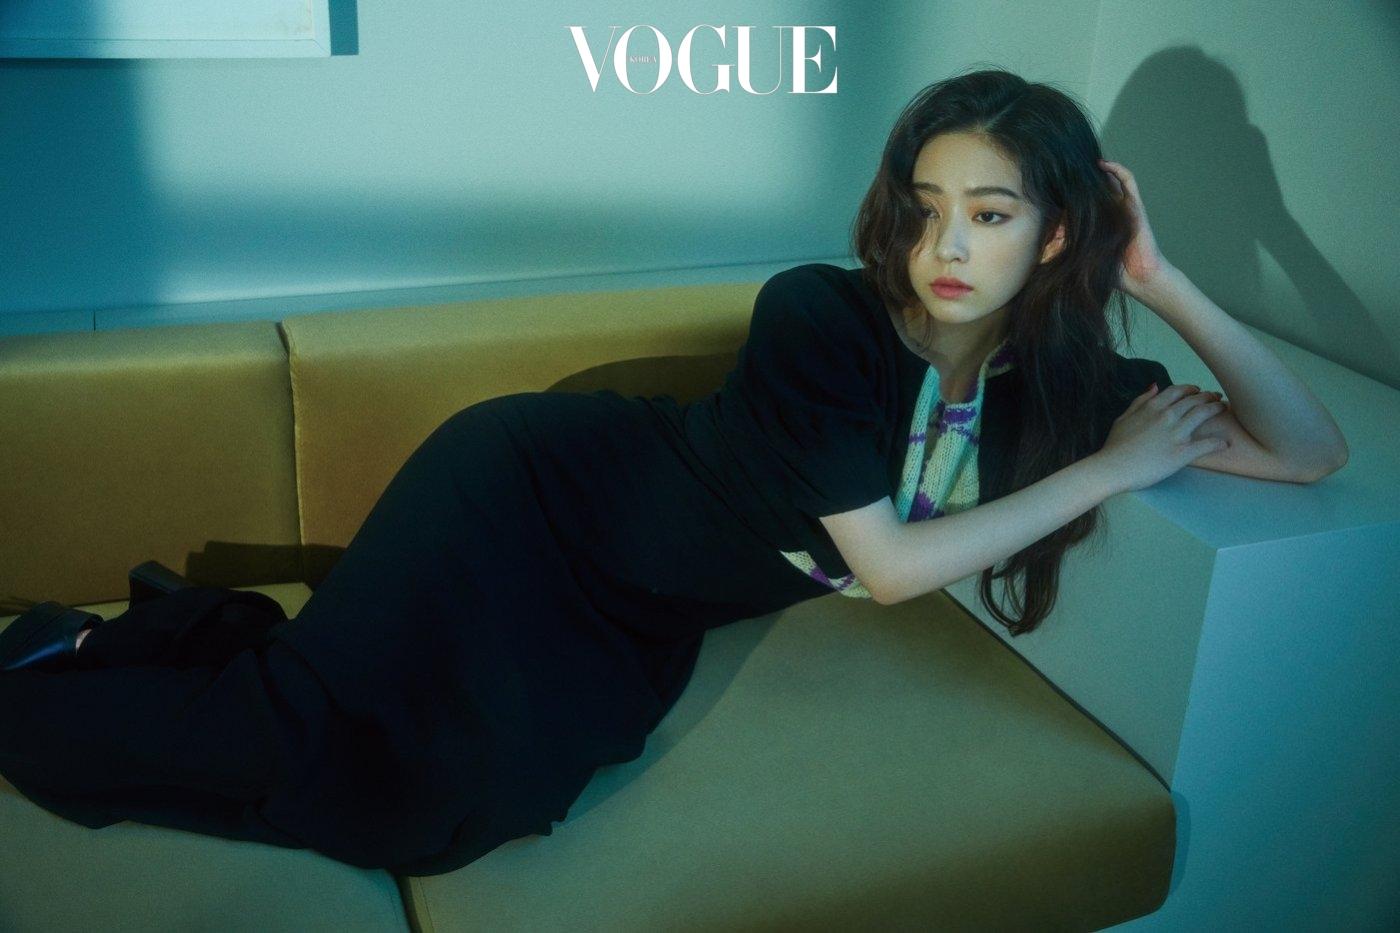 Min Joo mặc trang phục của nhiều thương hiệu như Prada, Celine, Saint Laurent, Low Classic,...